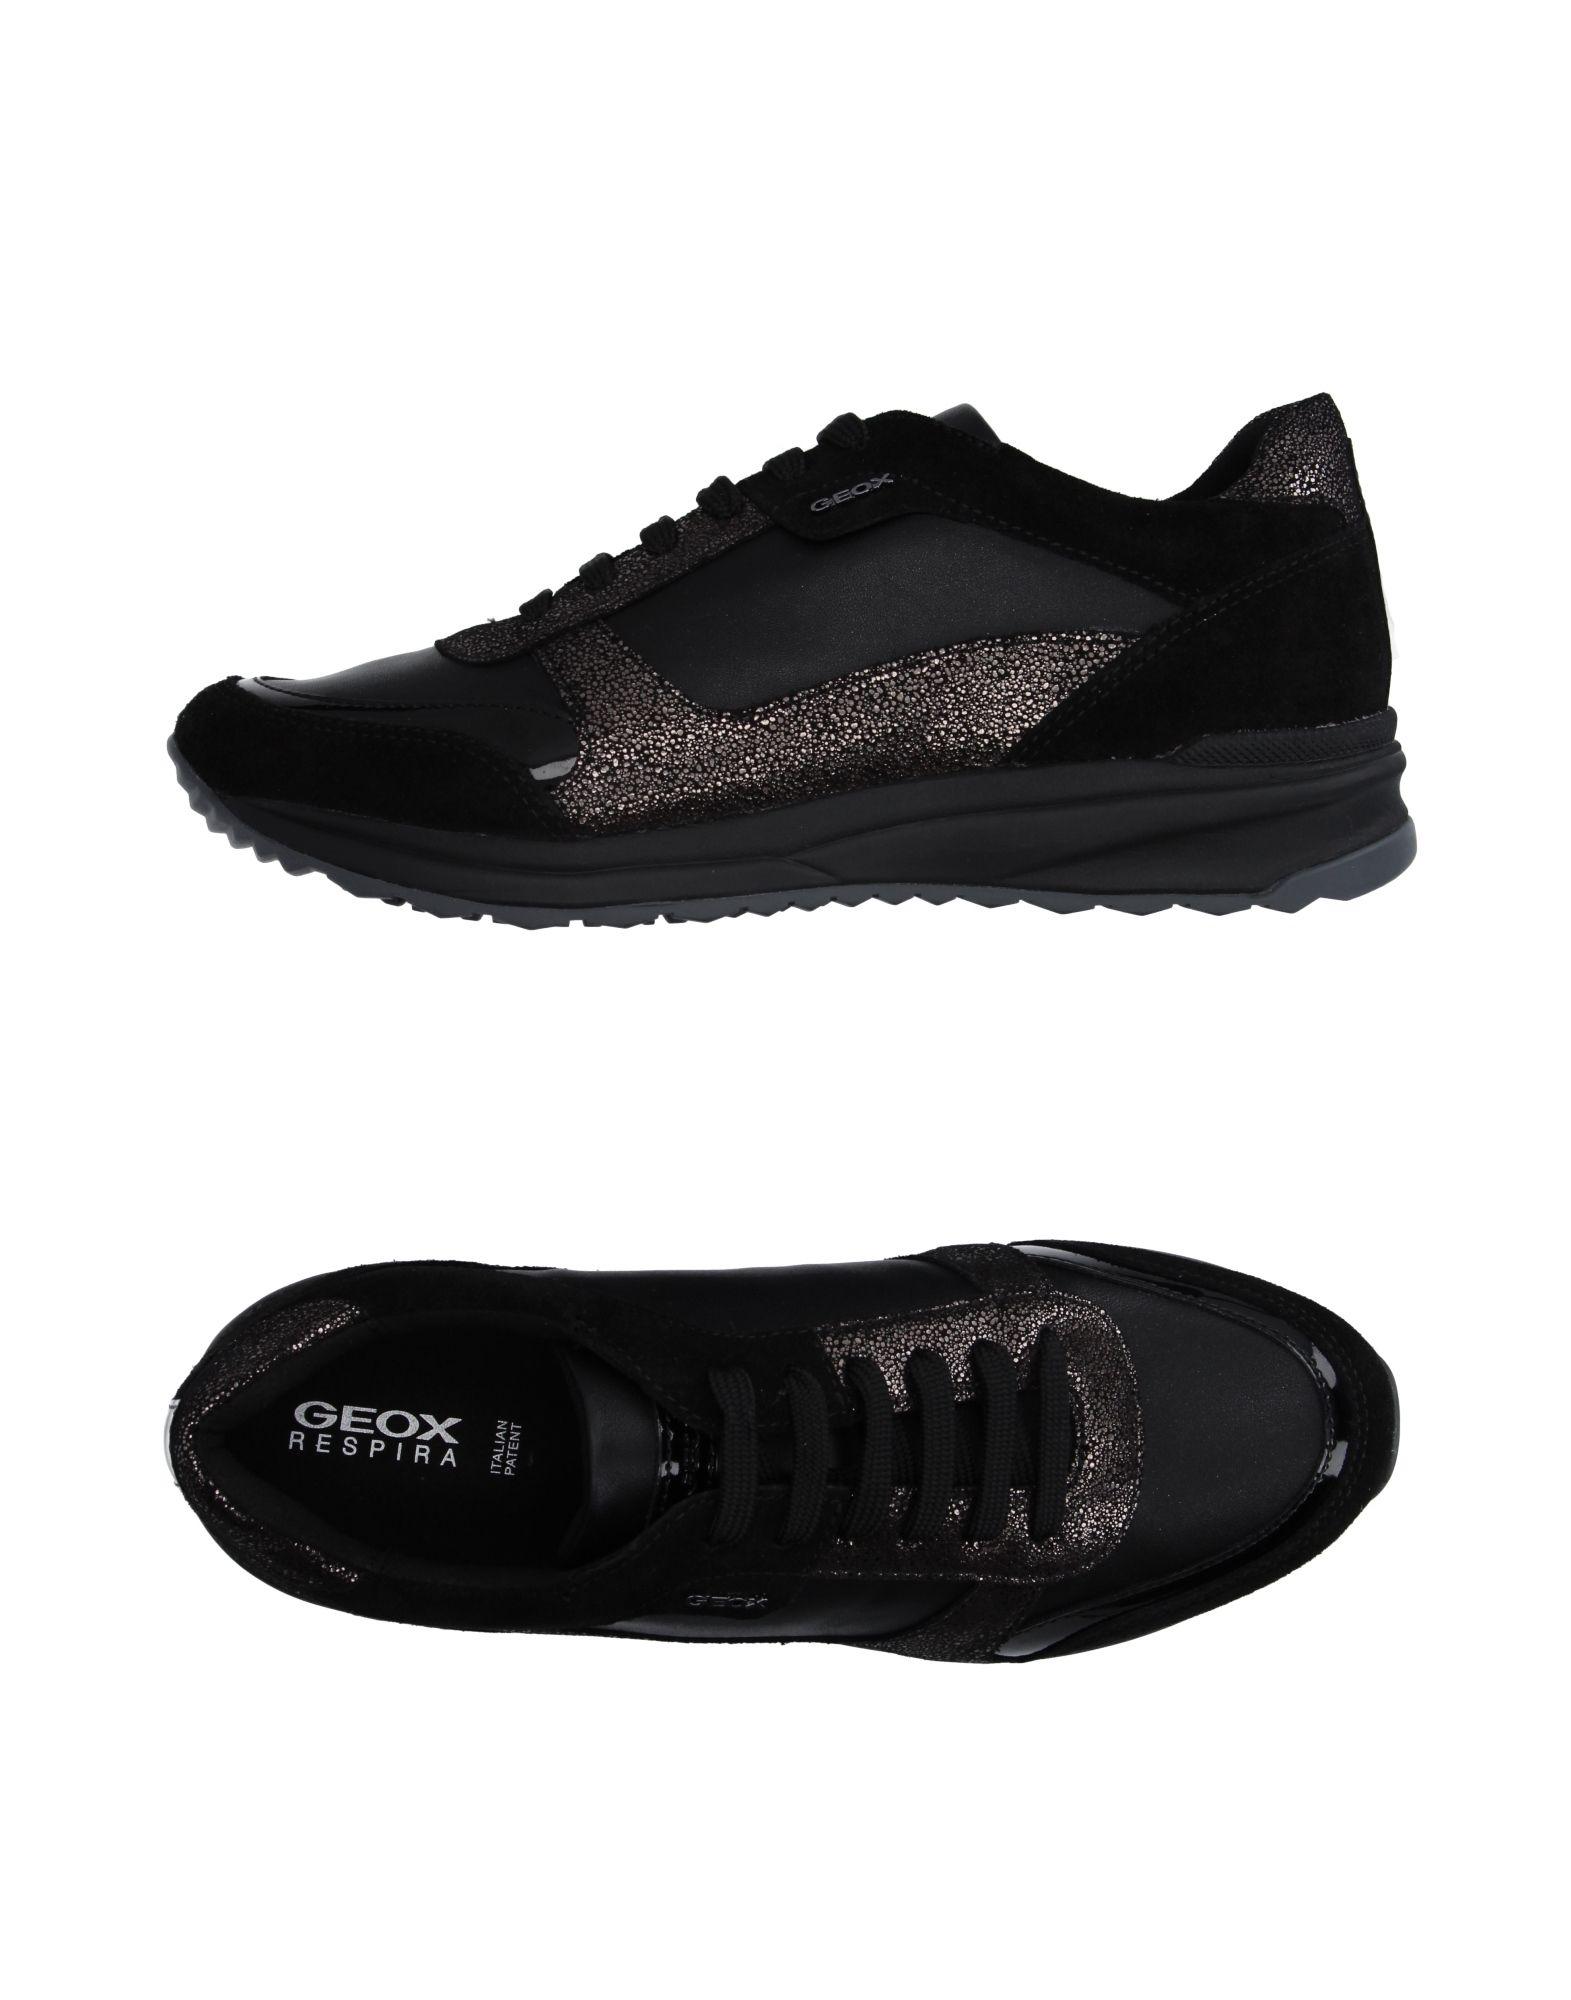 Scarpe economiche e resistenti Sneakers Geox Donna - 11109245JC